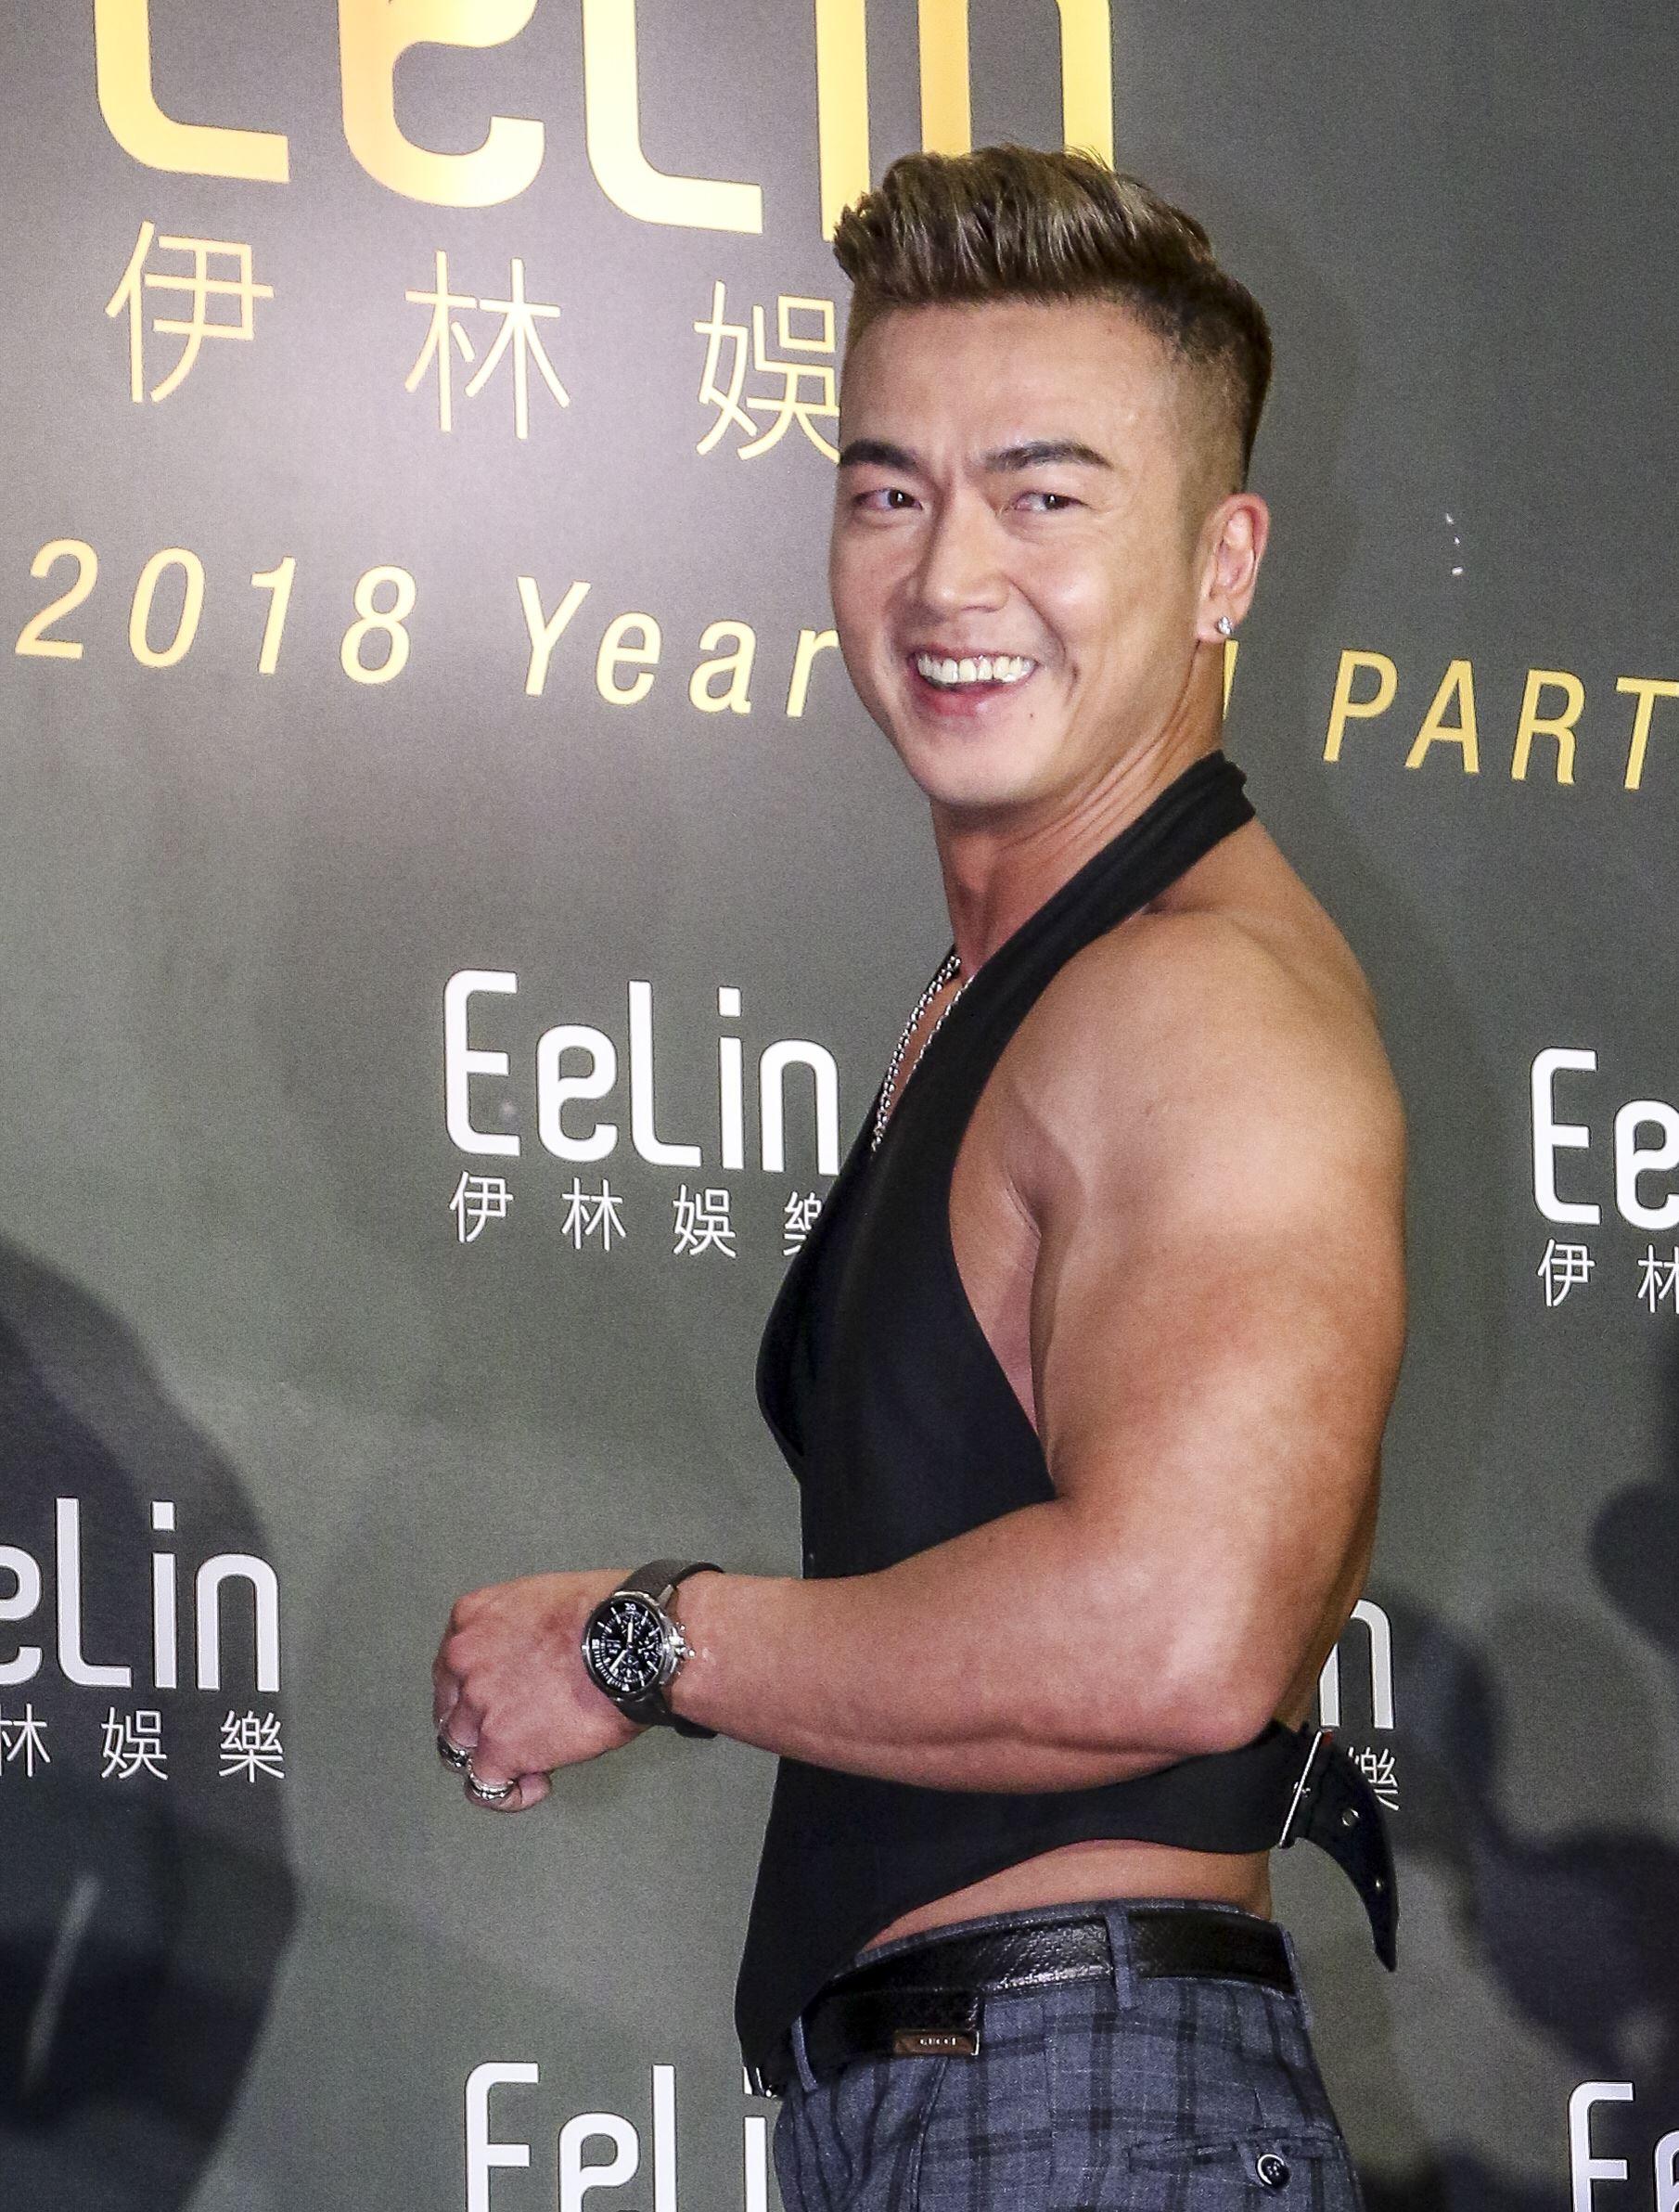 伊林娛樂時尚尾牙派對,藝人李沛旭秀出大肌肌。(記者林士傑/攝影)